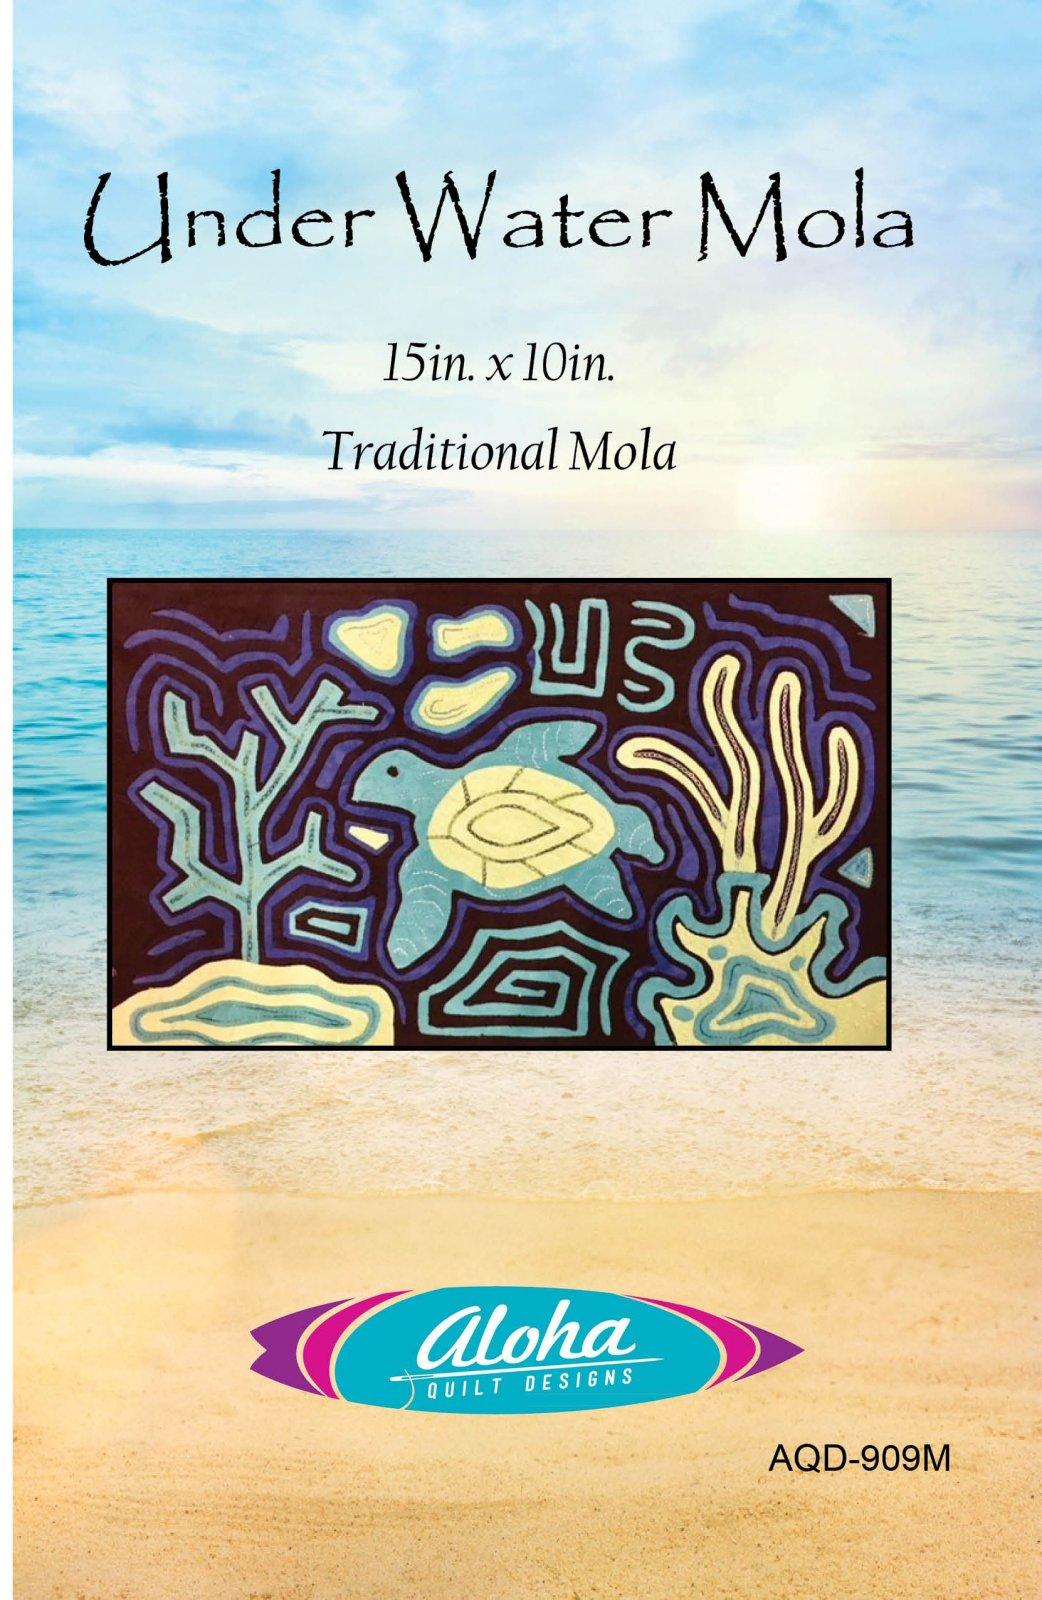 Under Water Mola